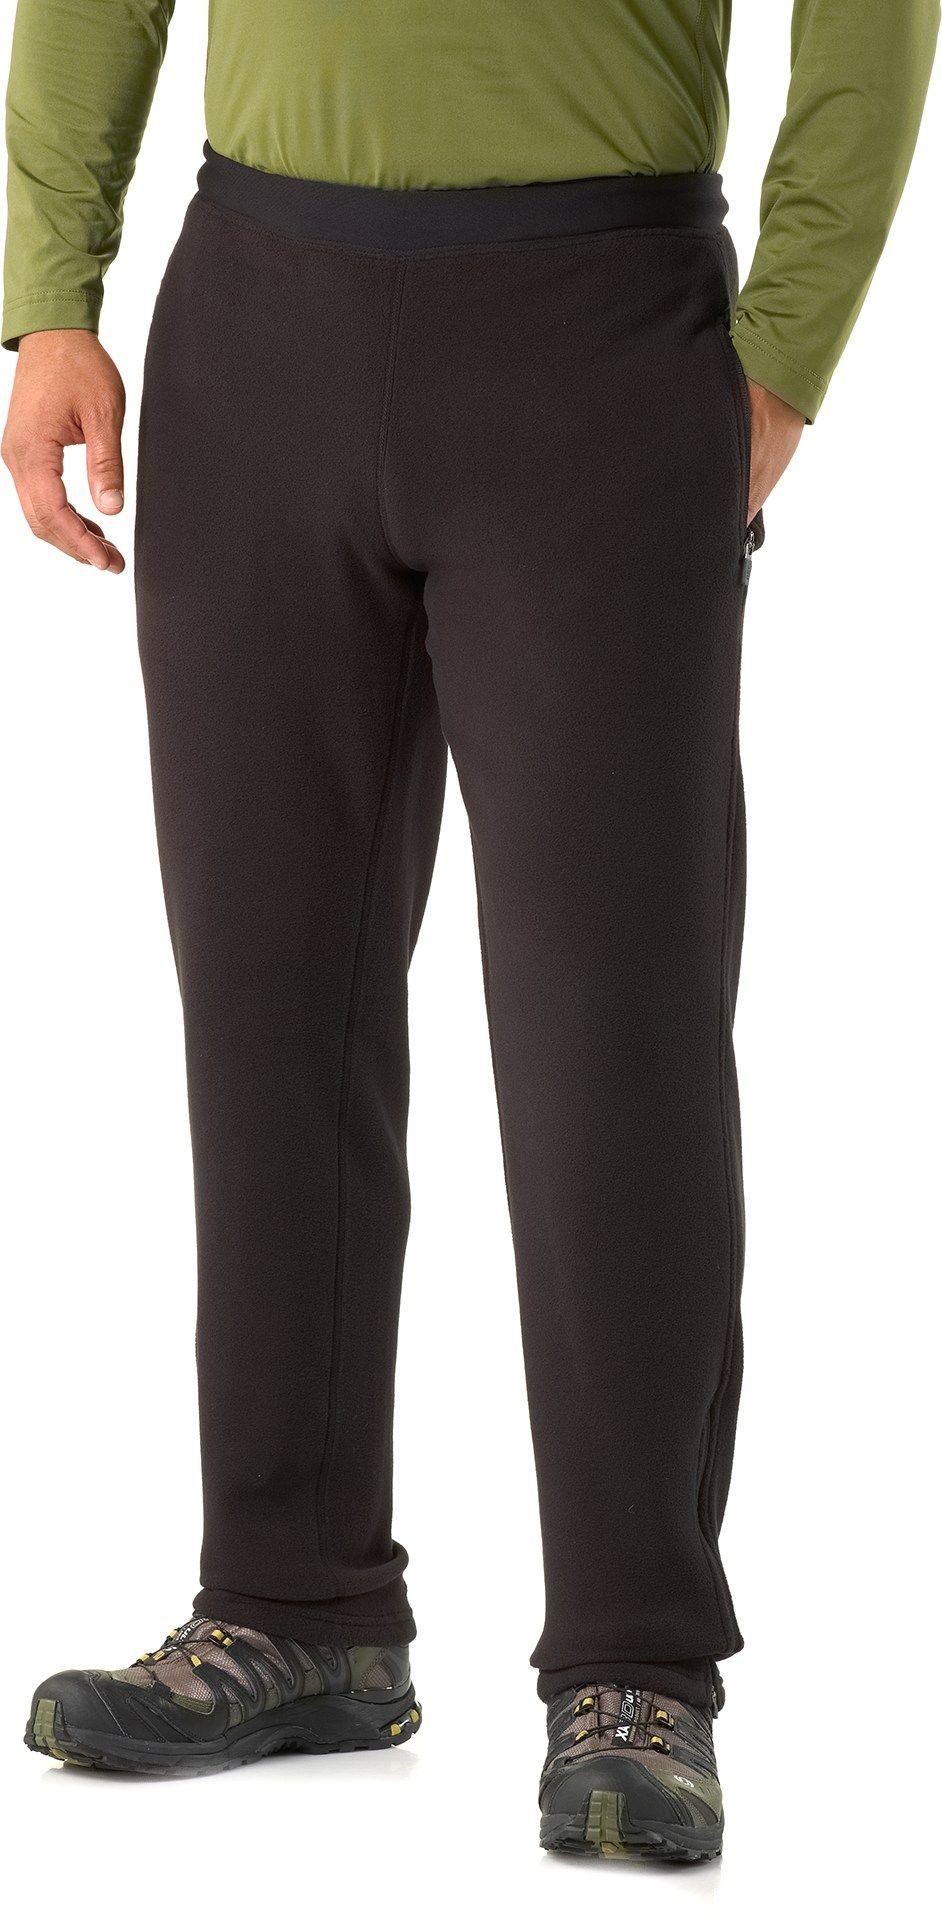 8ab8d9a2f Polartec 100 Teton Fleece Pants - Men's 30